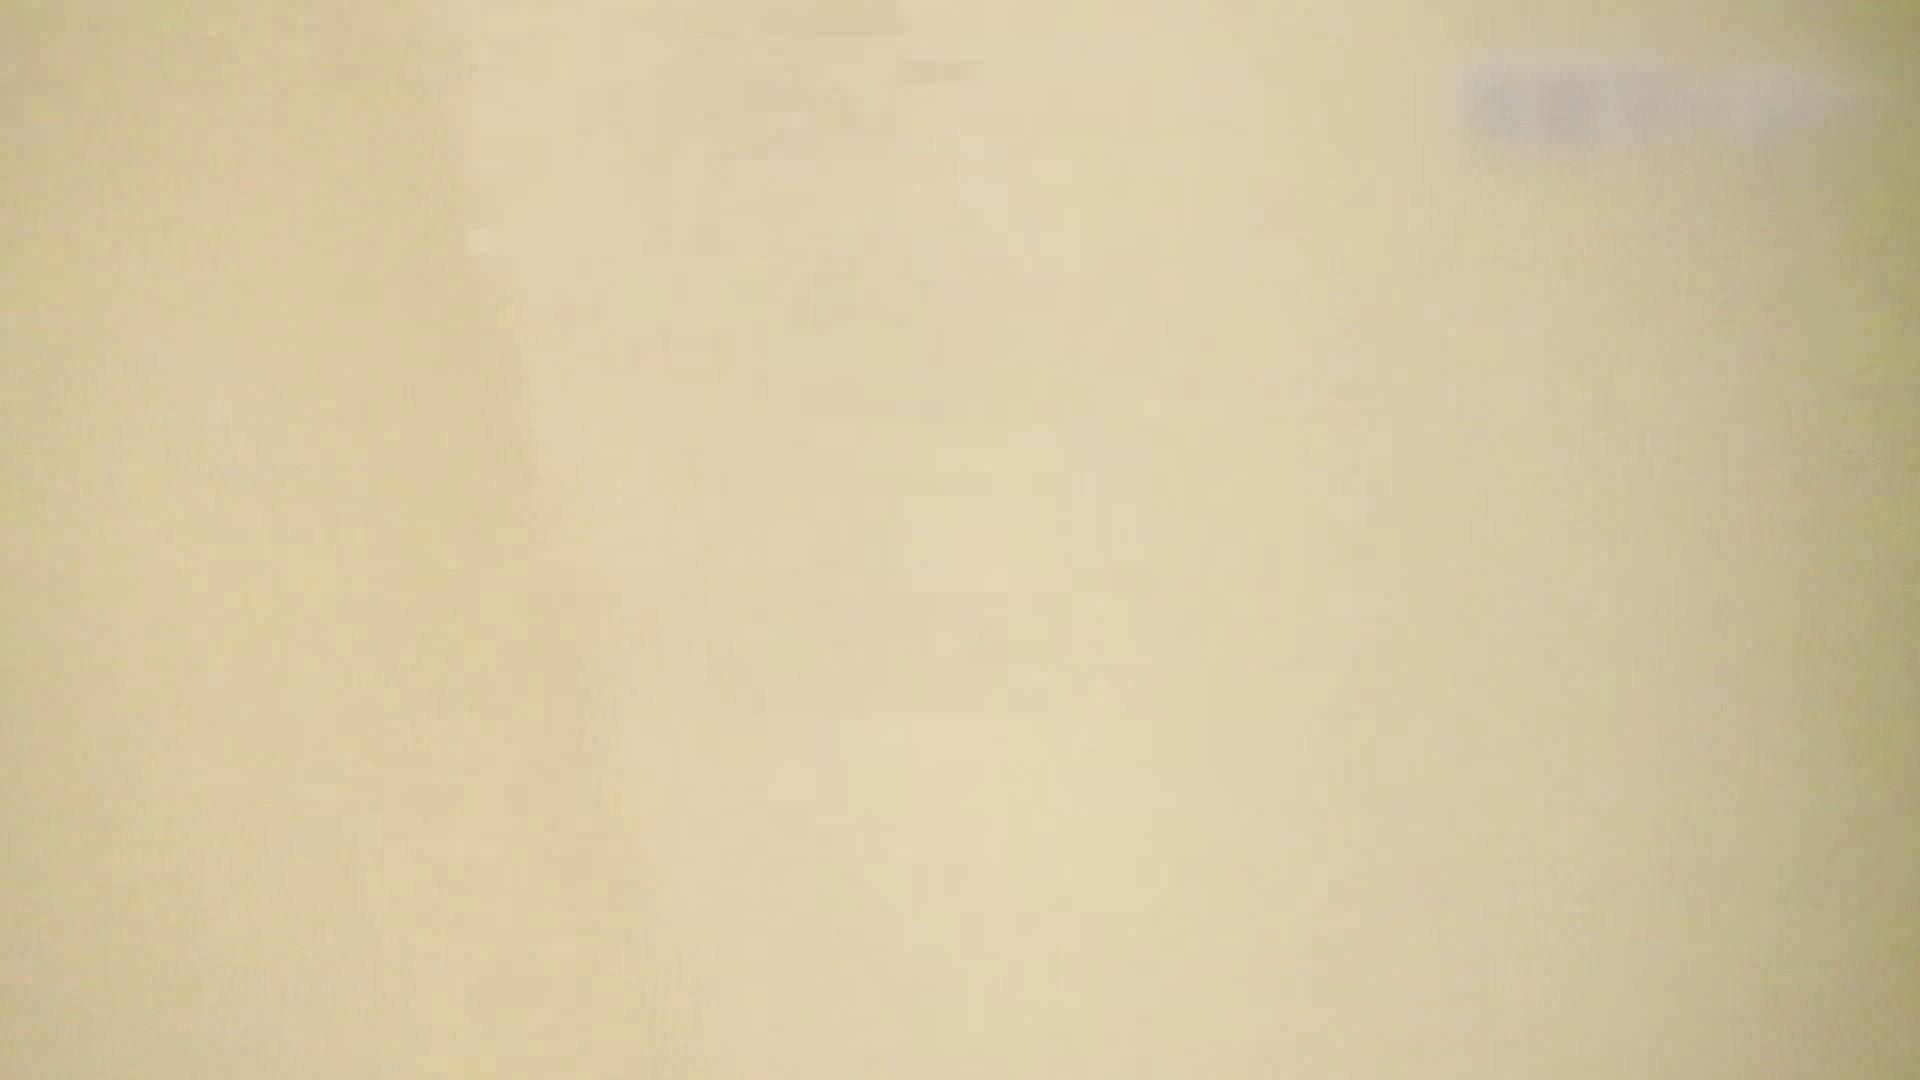 ロックハンドさんの盗撮記録File.14 パンティ 女性器鑑賞 25枚